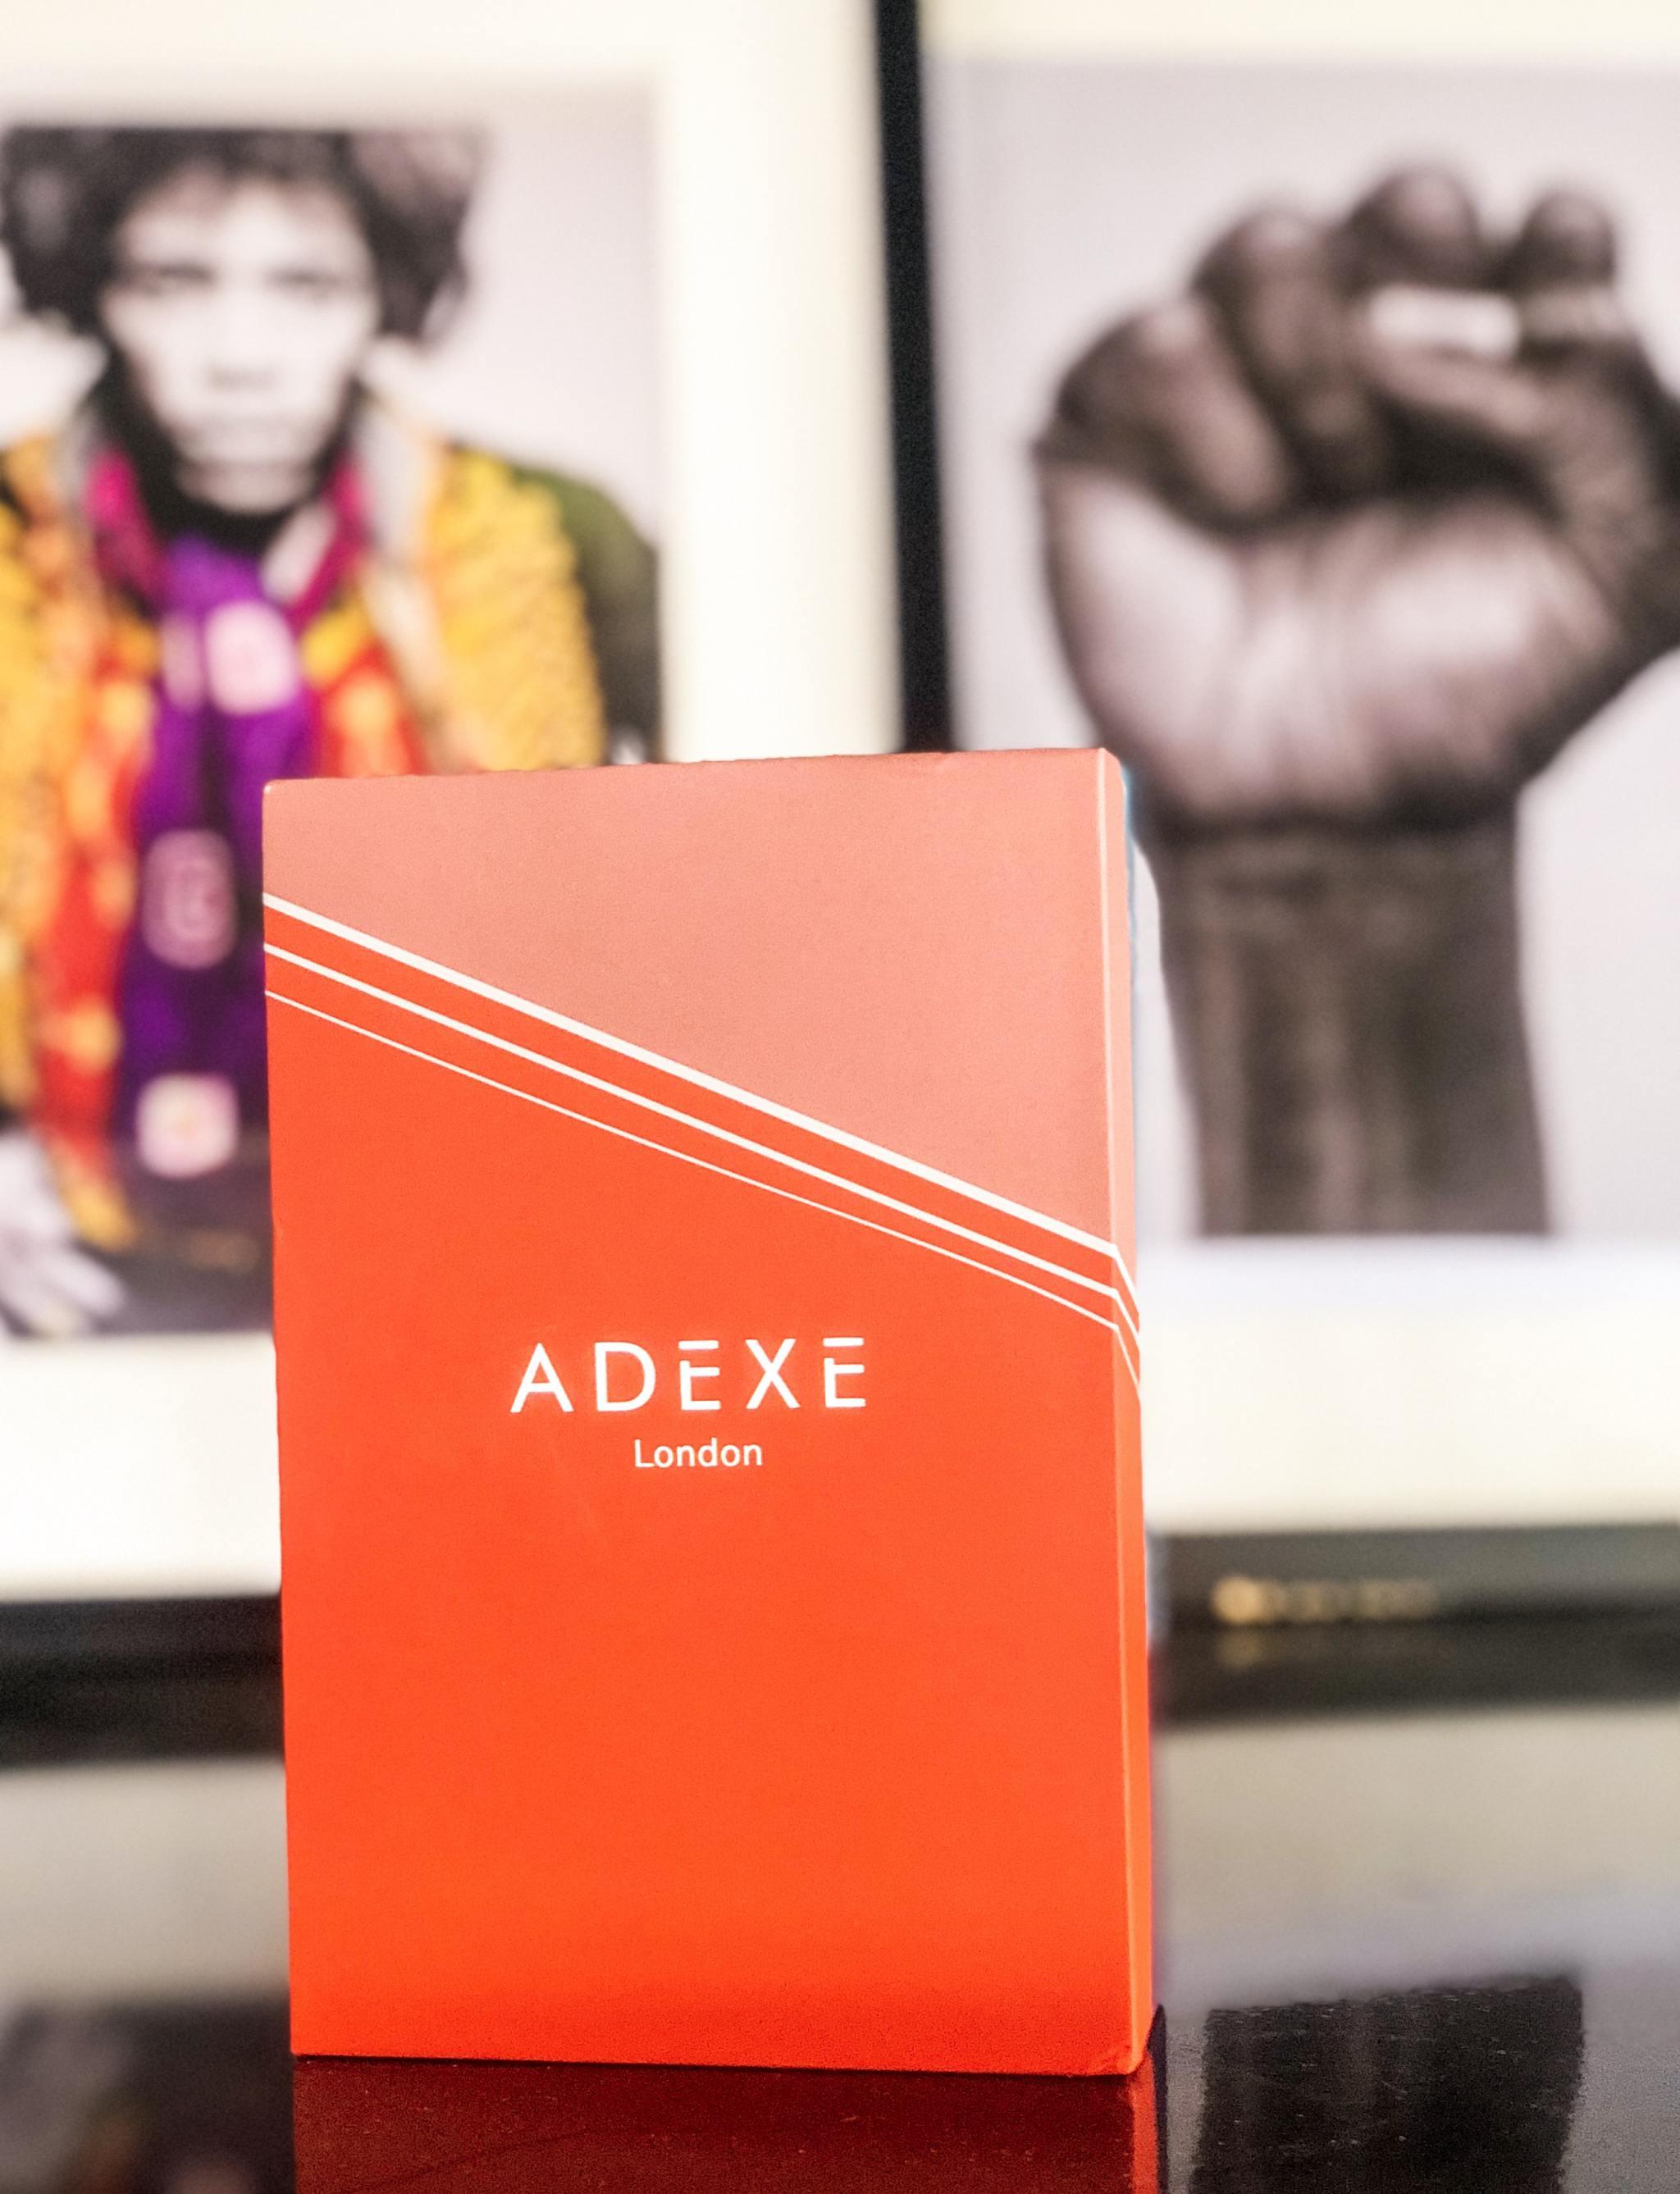 Adexe